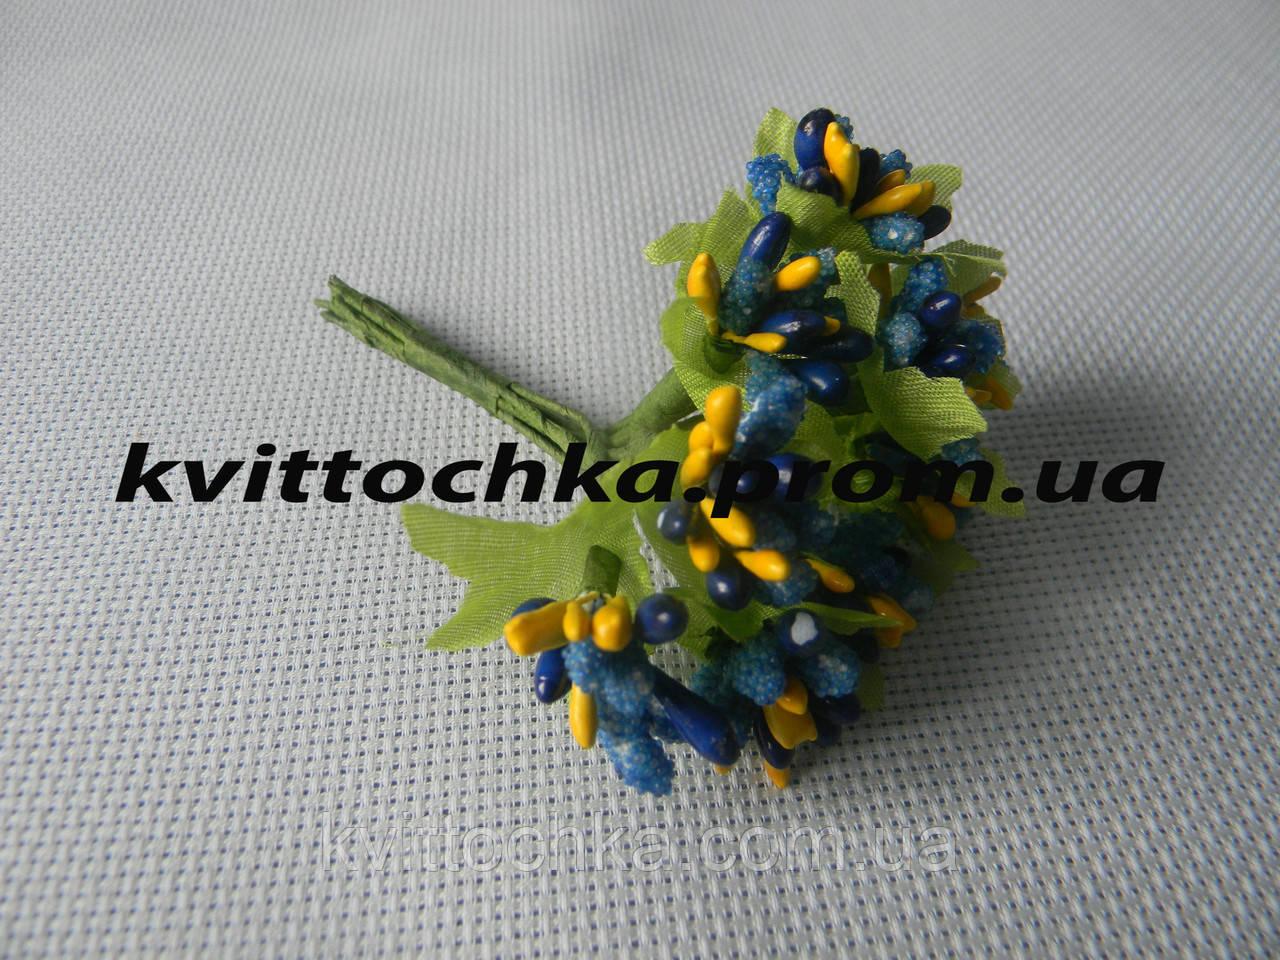 Соцветие тычинок цвет - синий с жёлтым